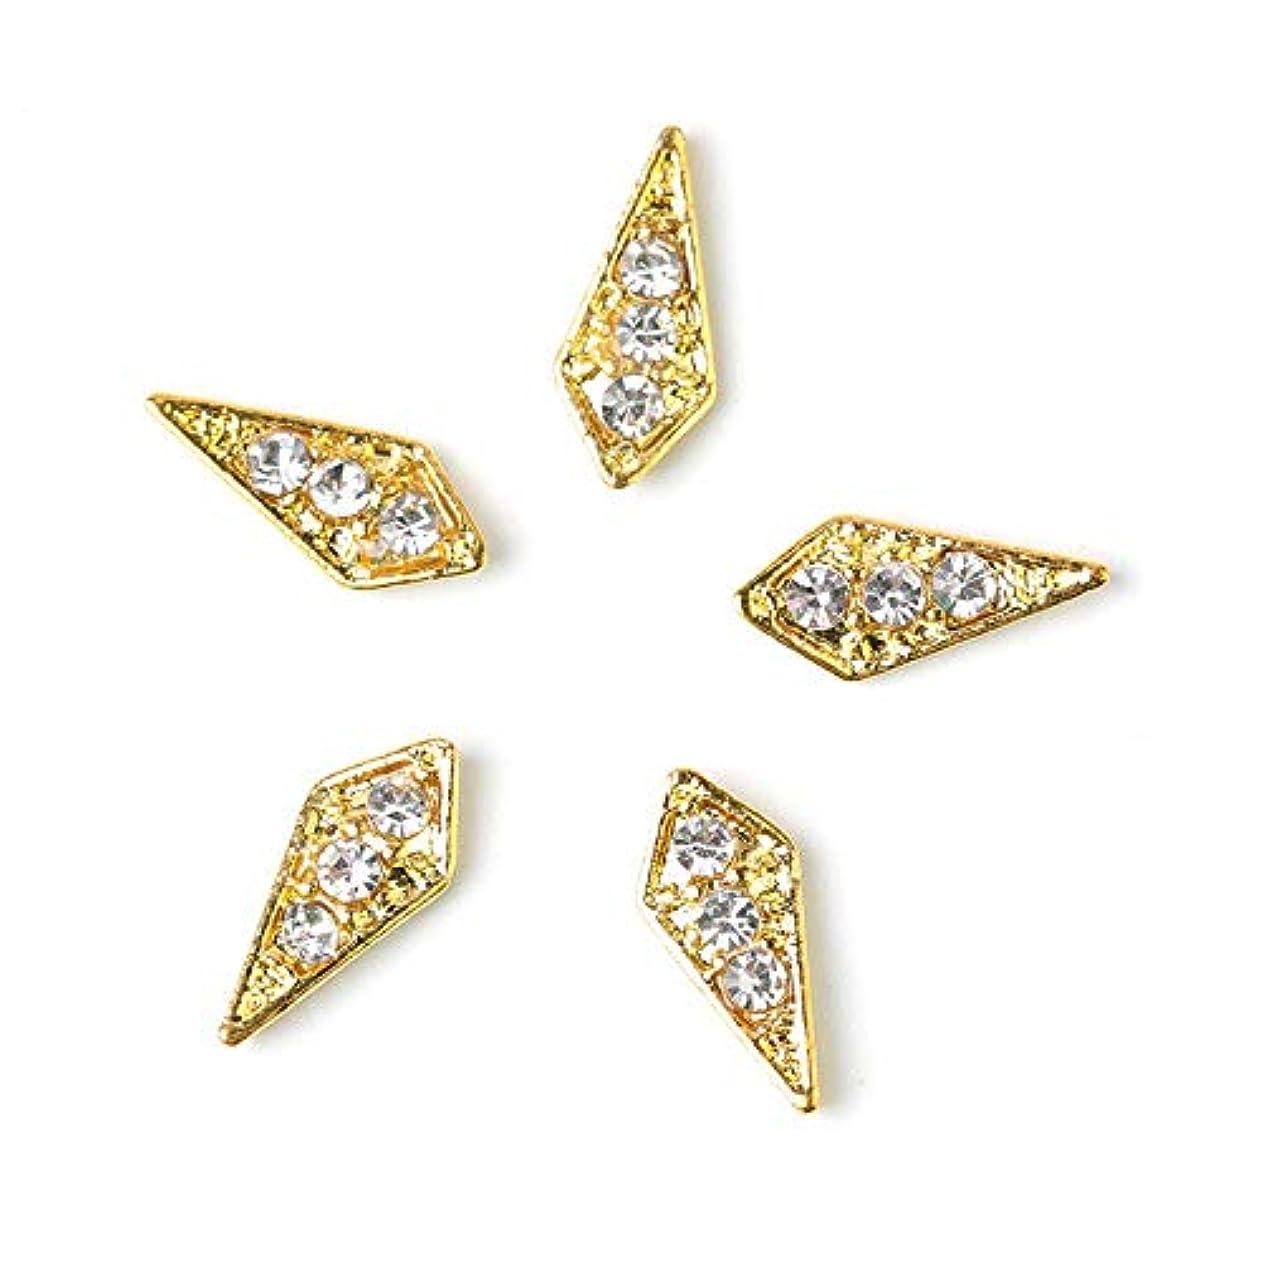 可能勇敢なもつれDIY 3Dネイルジュエリーペンダントきらめき10枚結晶明るい真珠のネイルラインストーン合金ネイルアート装飾を